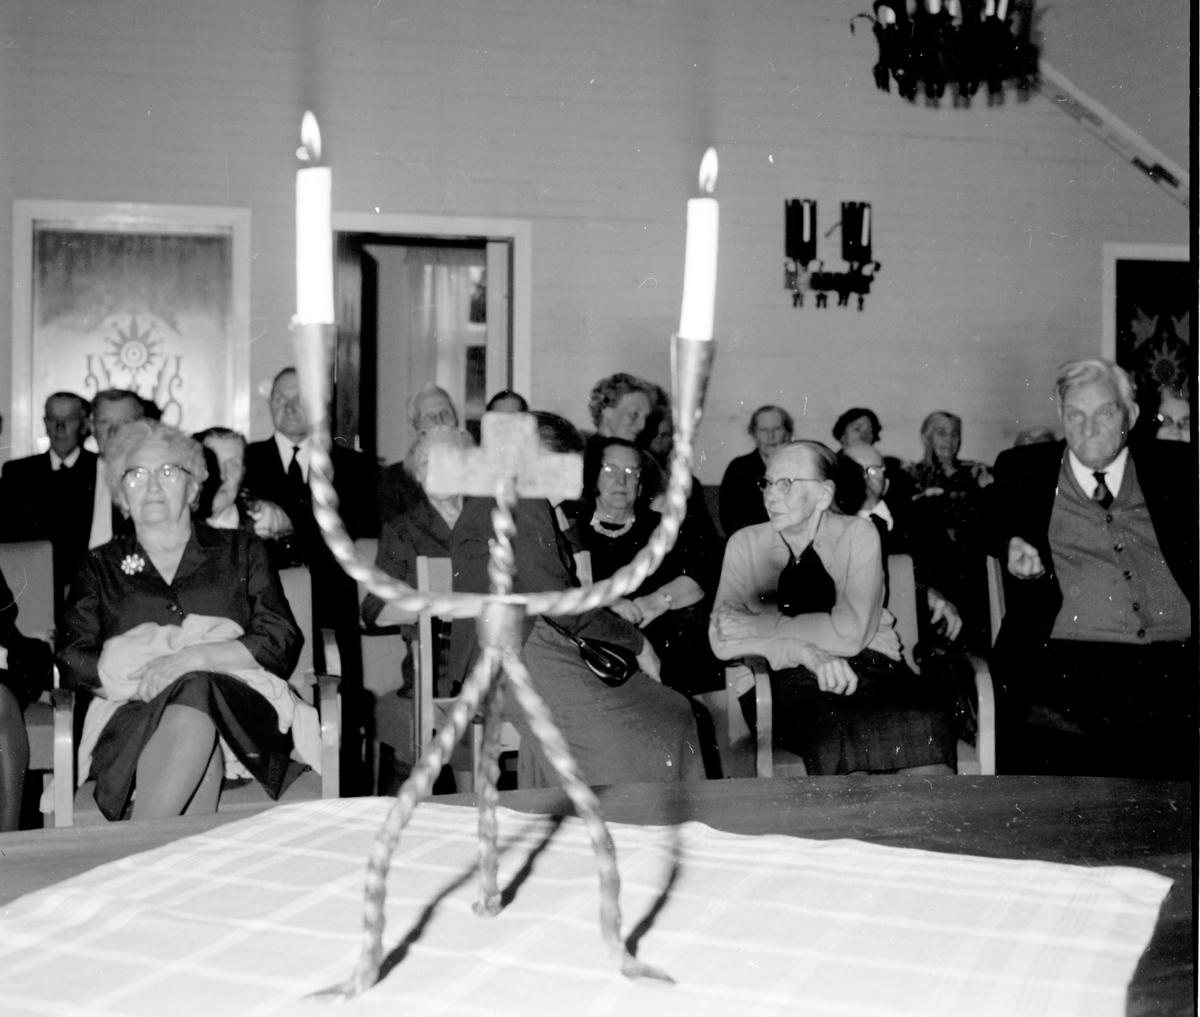 Undersvik, De gamlas dag, 10 Oktober 1965